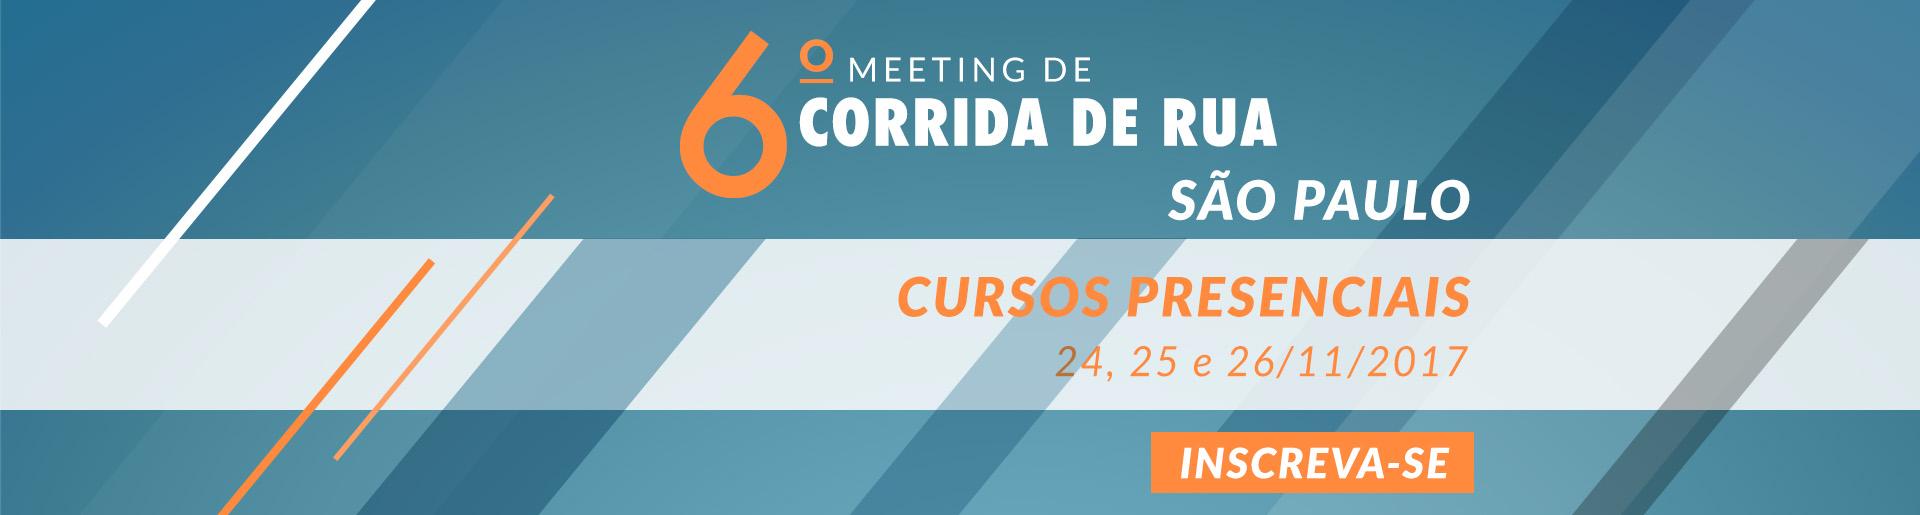 6º meeting de corrida de rua